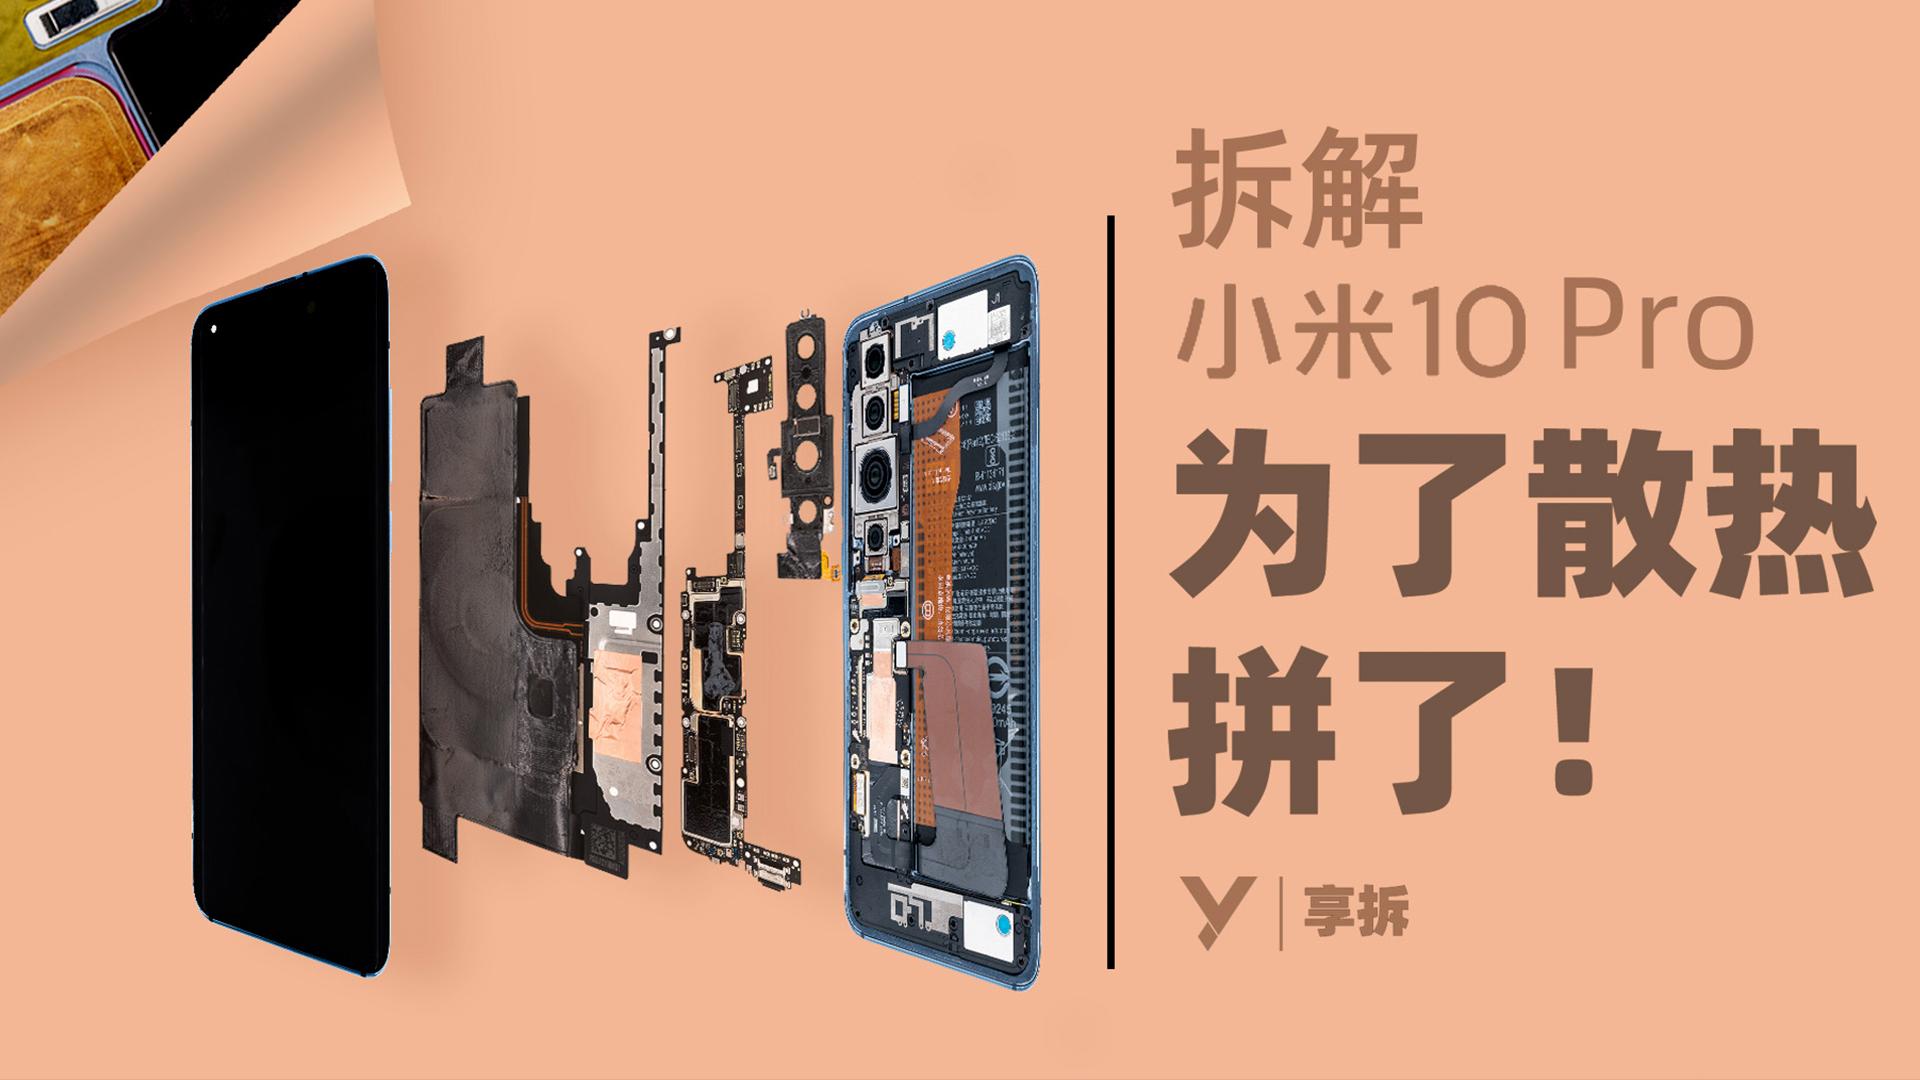 【享拆】小米 10 Pro 拆解:为了散热,拼了!